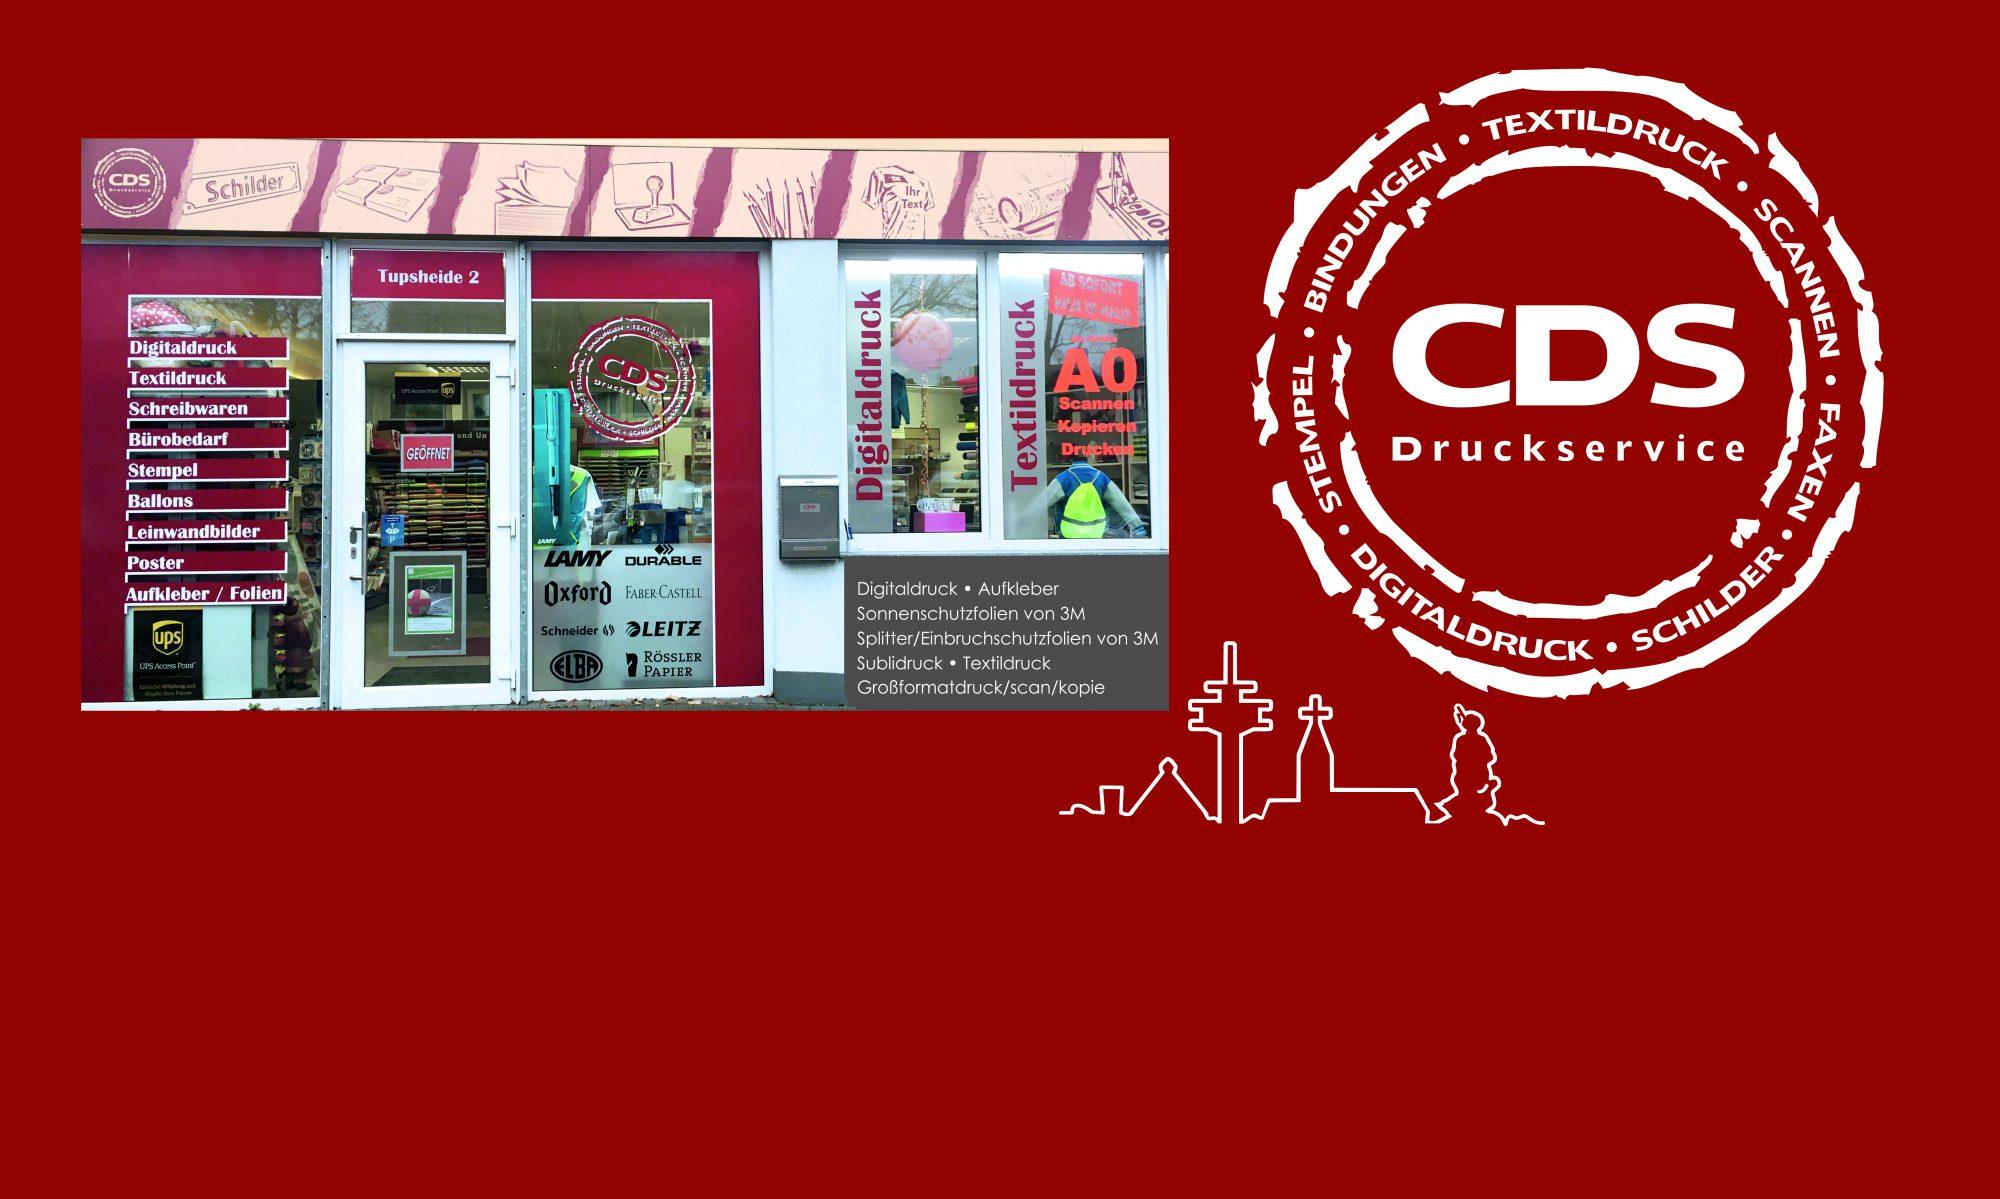 CDS Druckservice